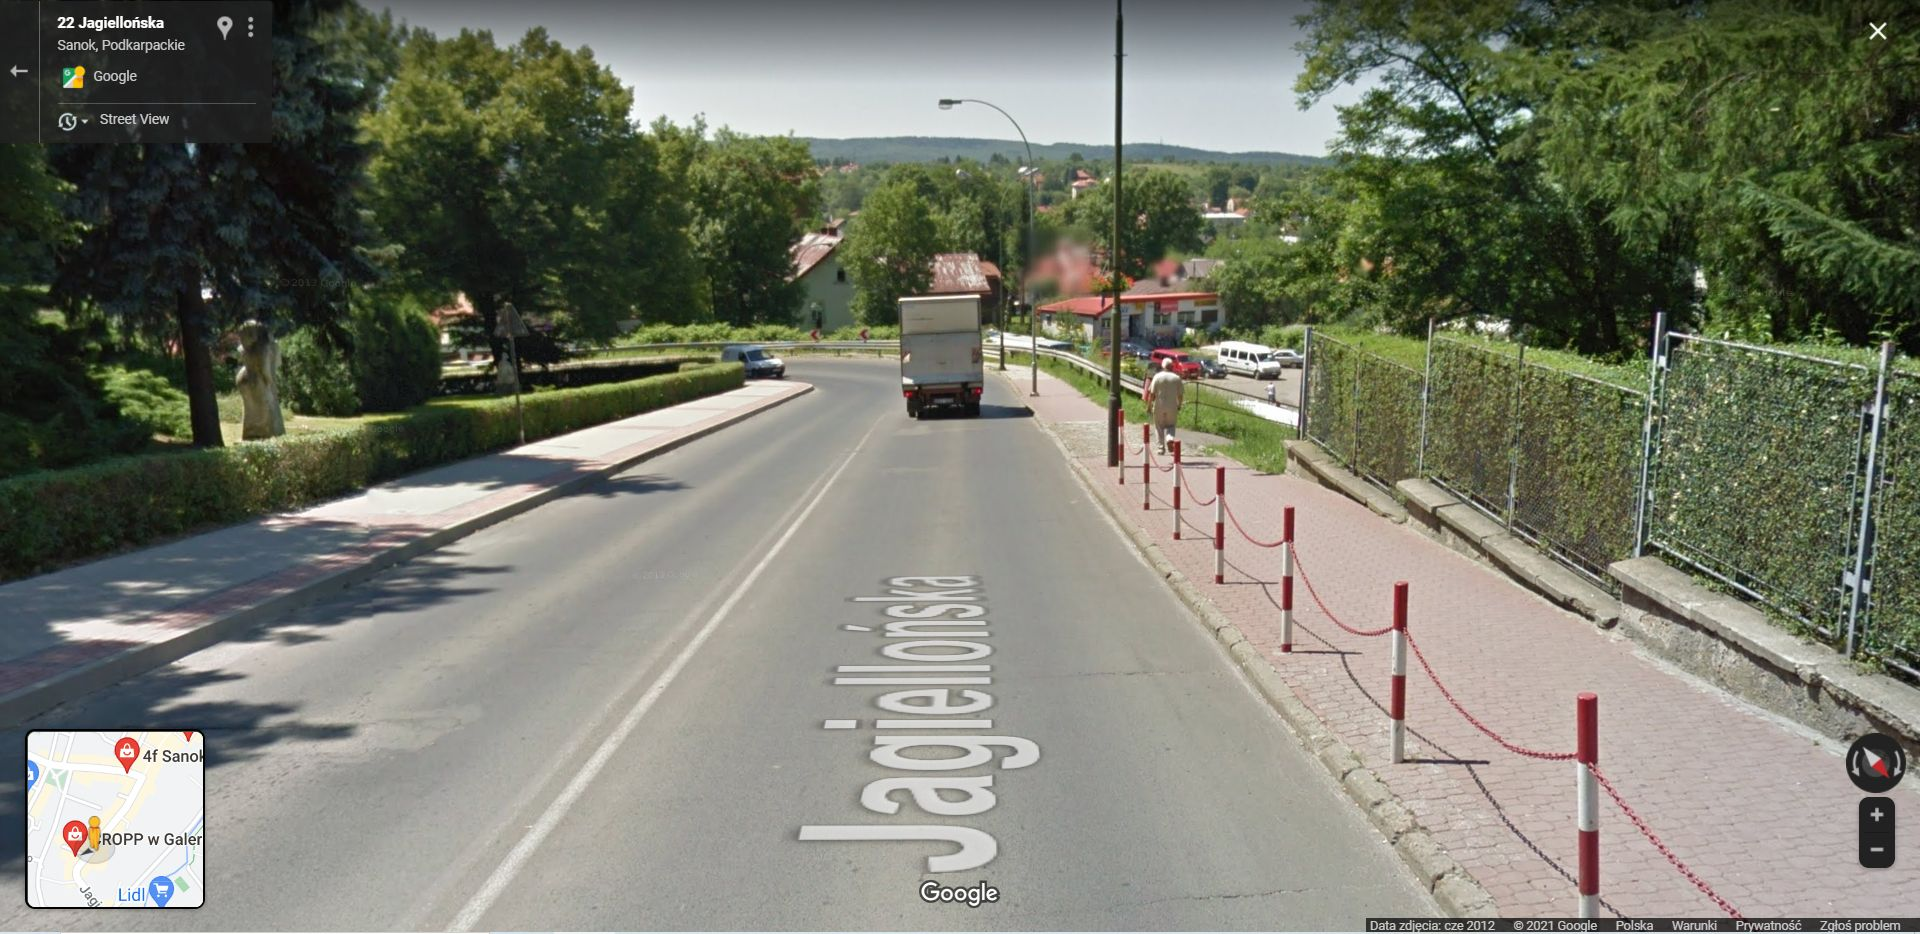 Zmieniający się Sanok na Google Street View - Zdjęcie główne